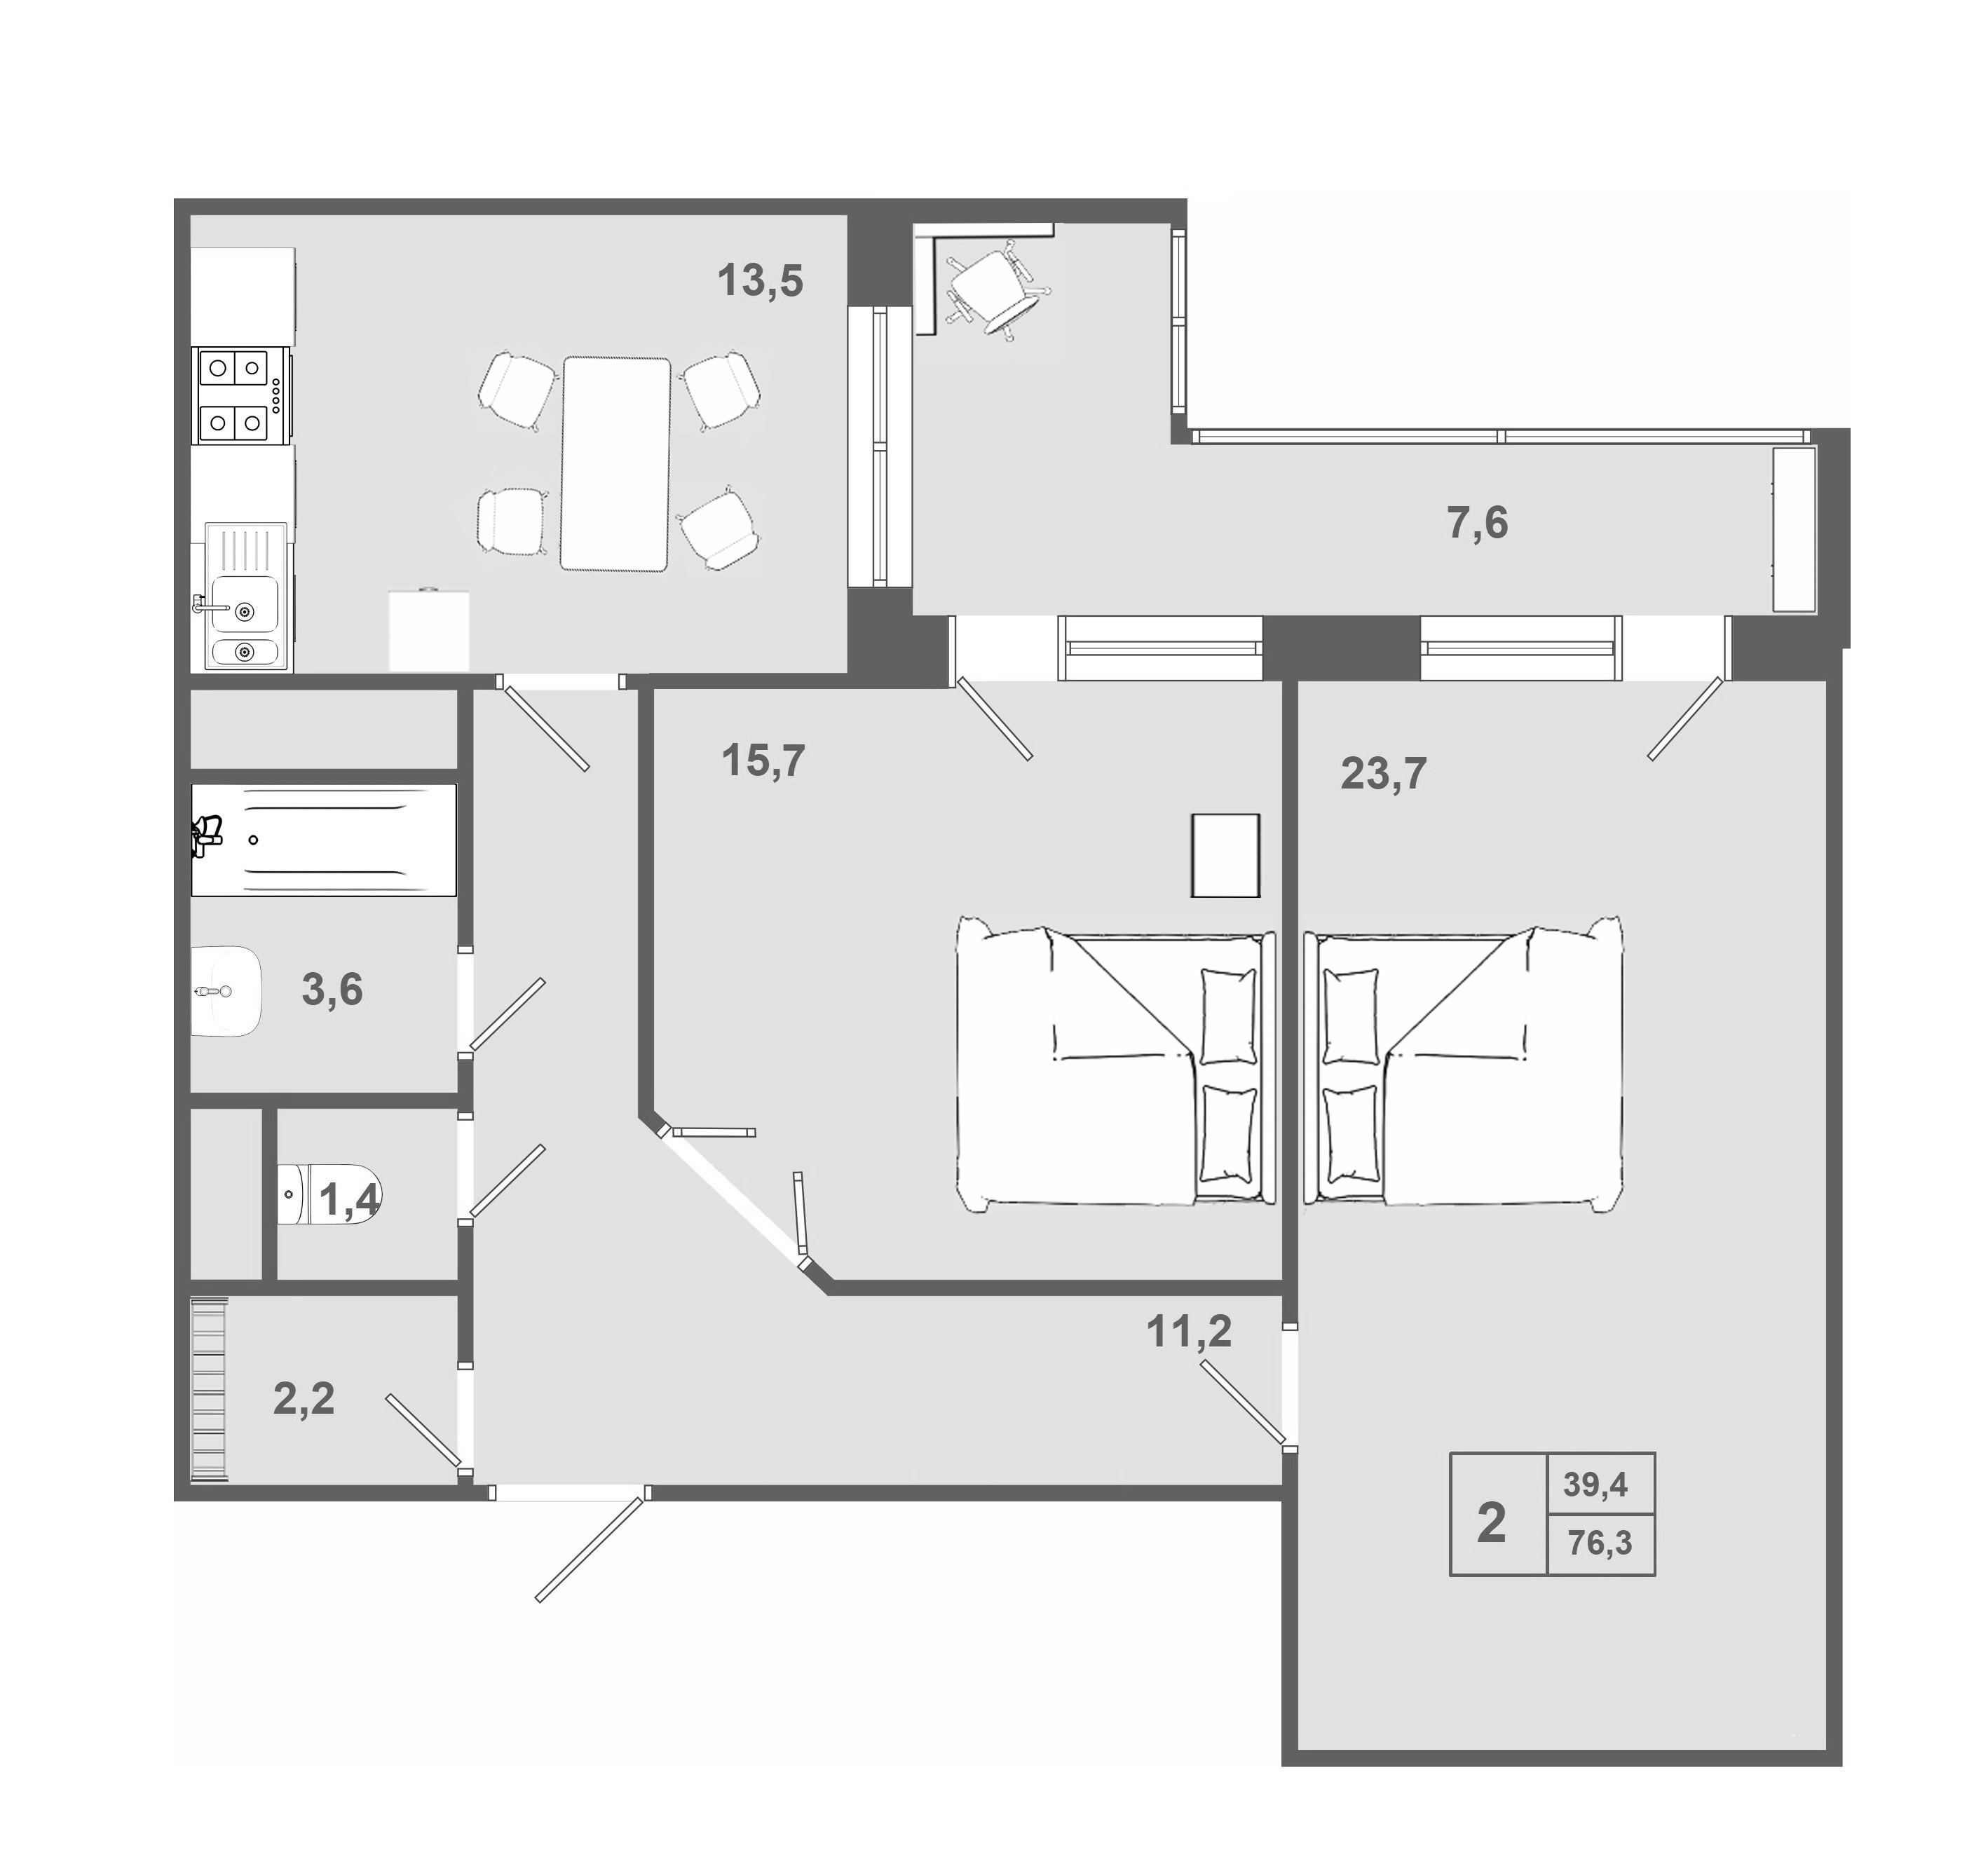 2-комнатная, 76.1 м²– 2